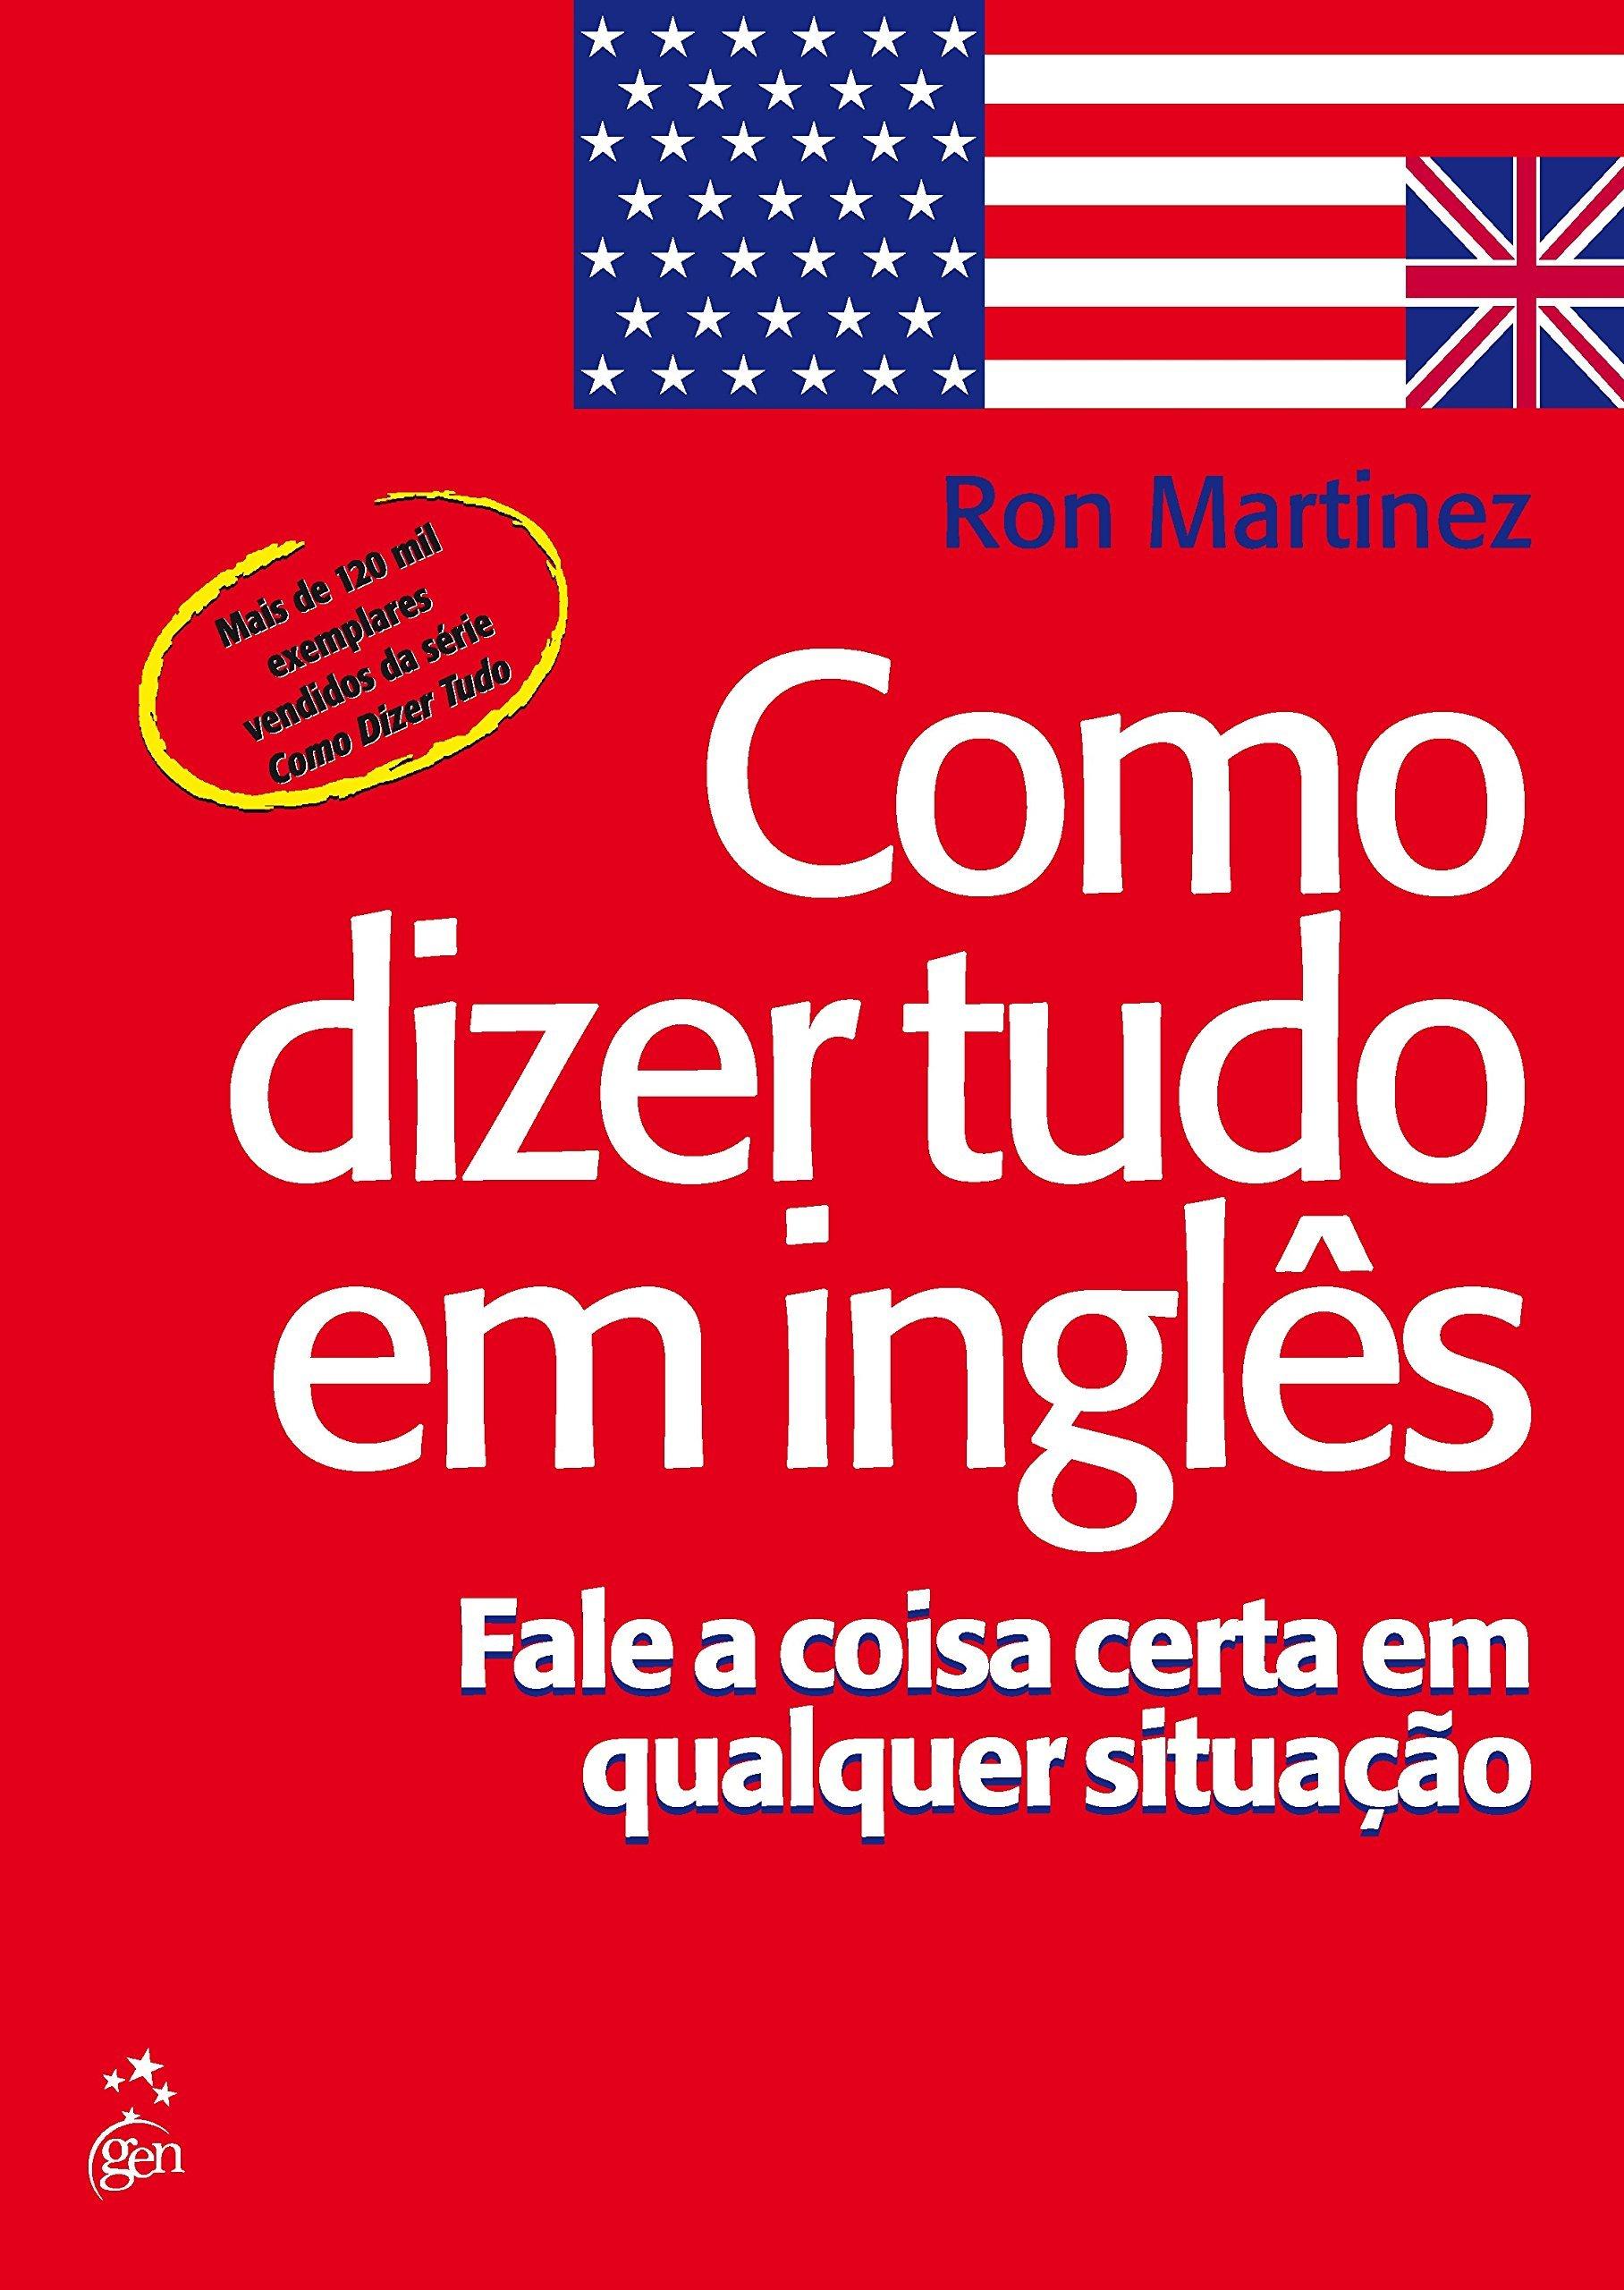 Como Dizer Tudo em Inglês: Amazon.es: Ron Martinez: Libros